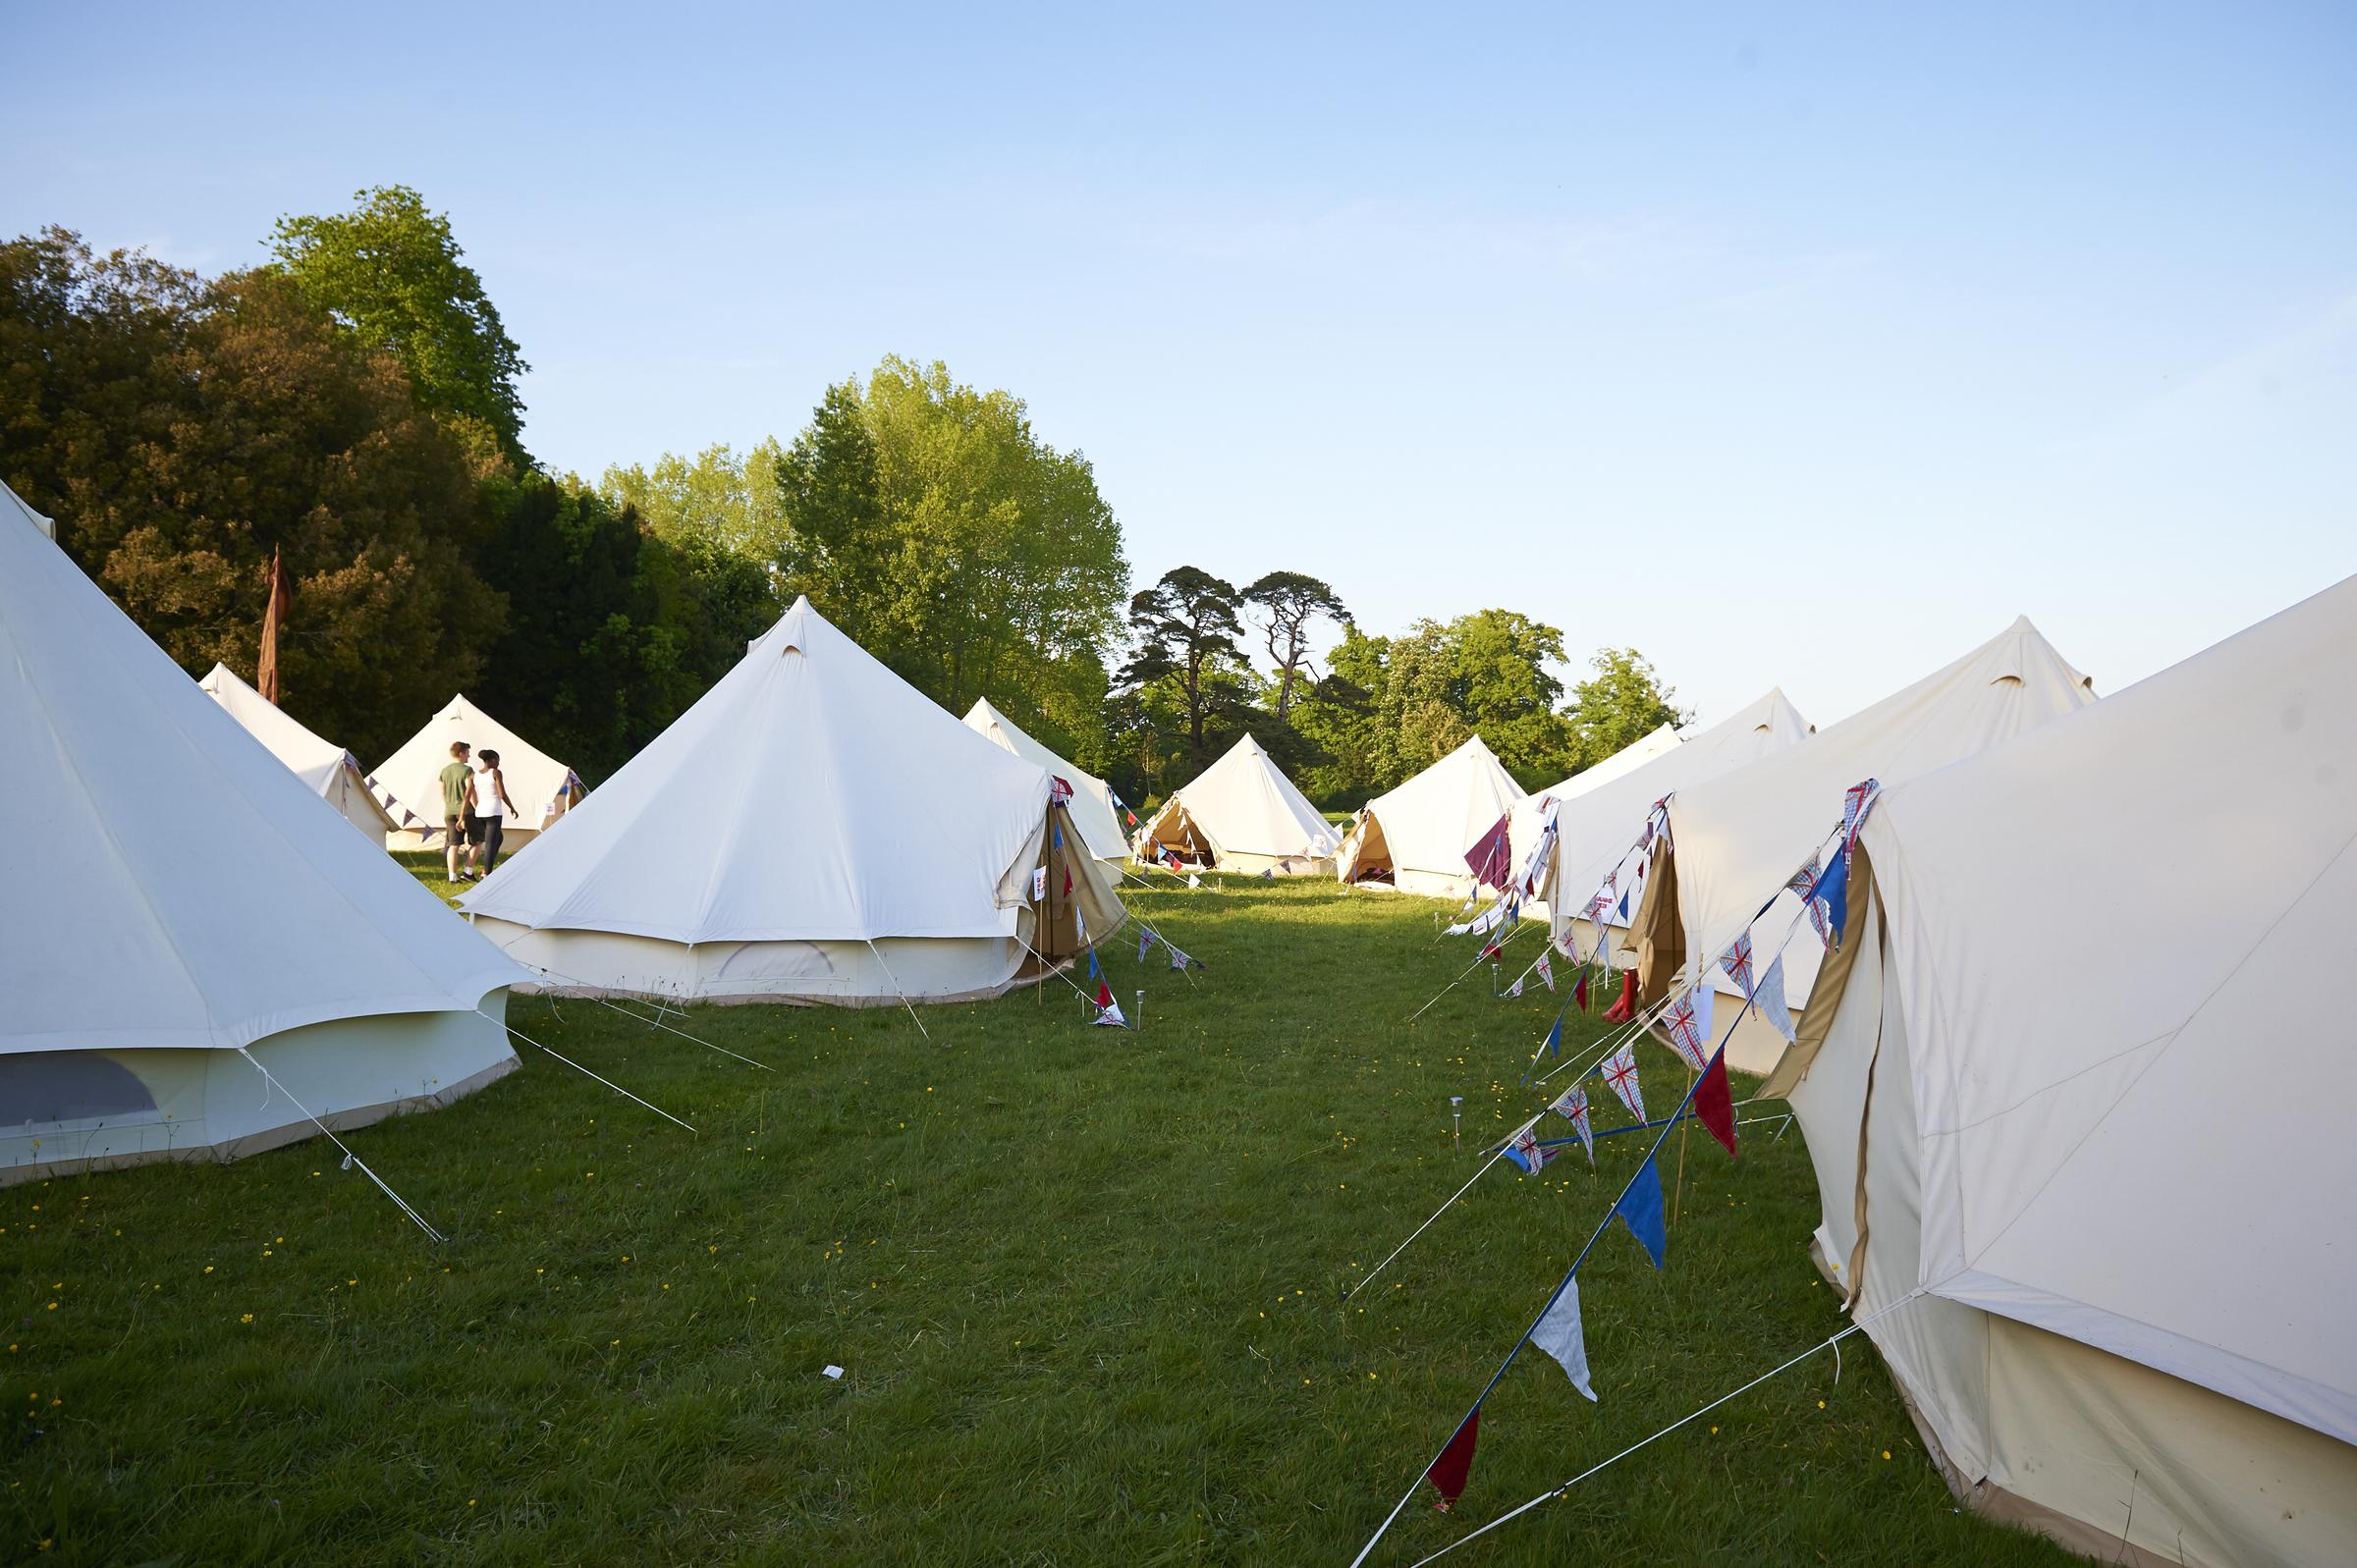 a bell tent 'village'